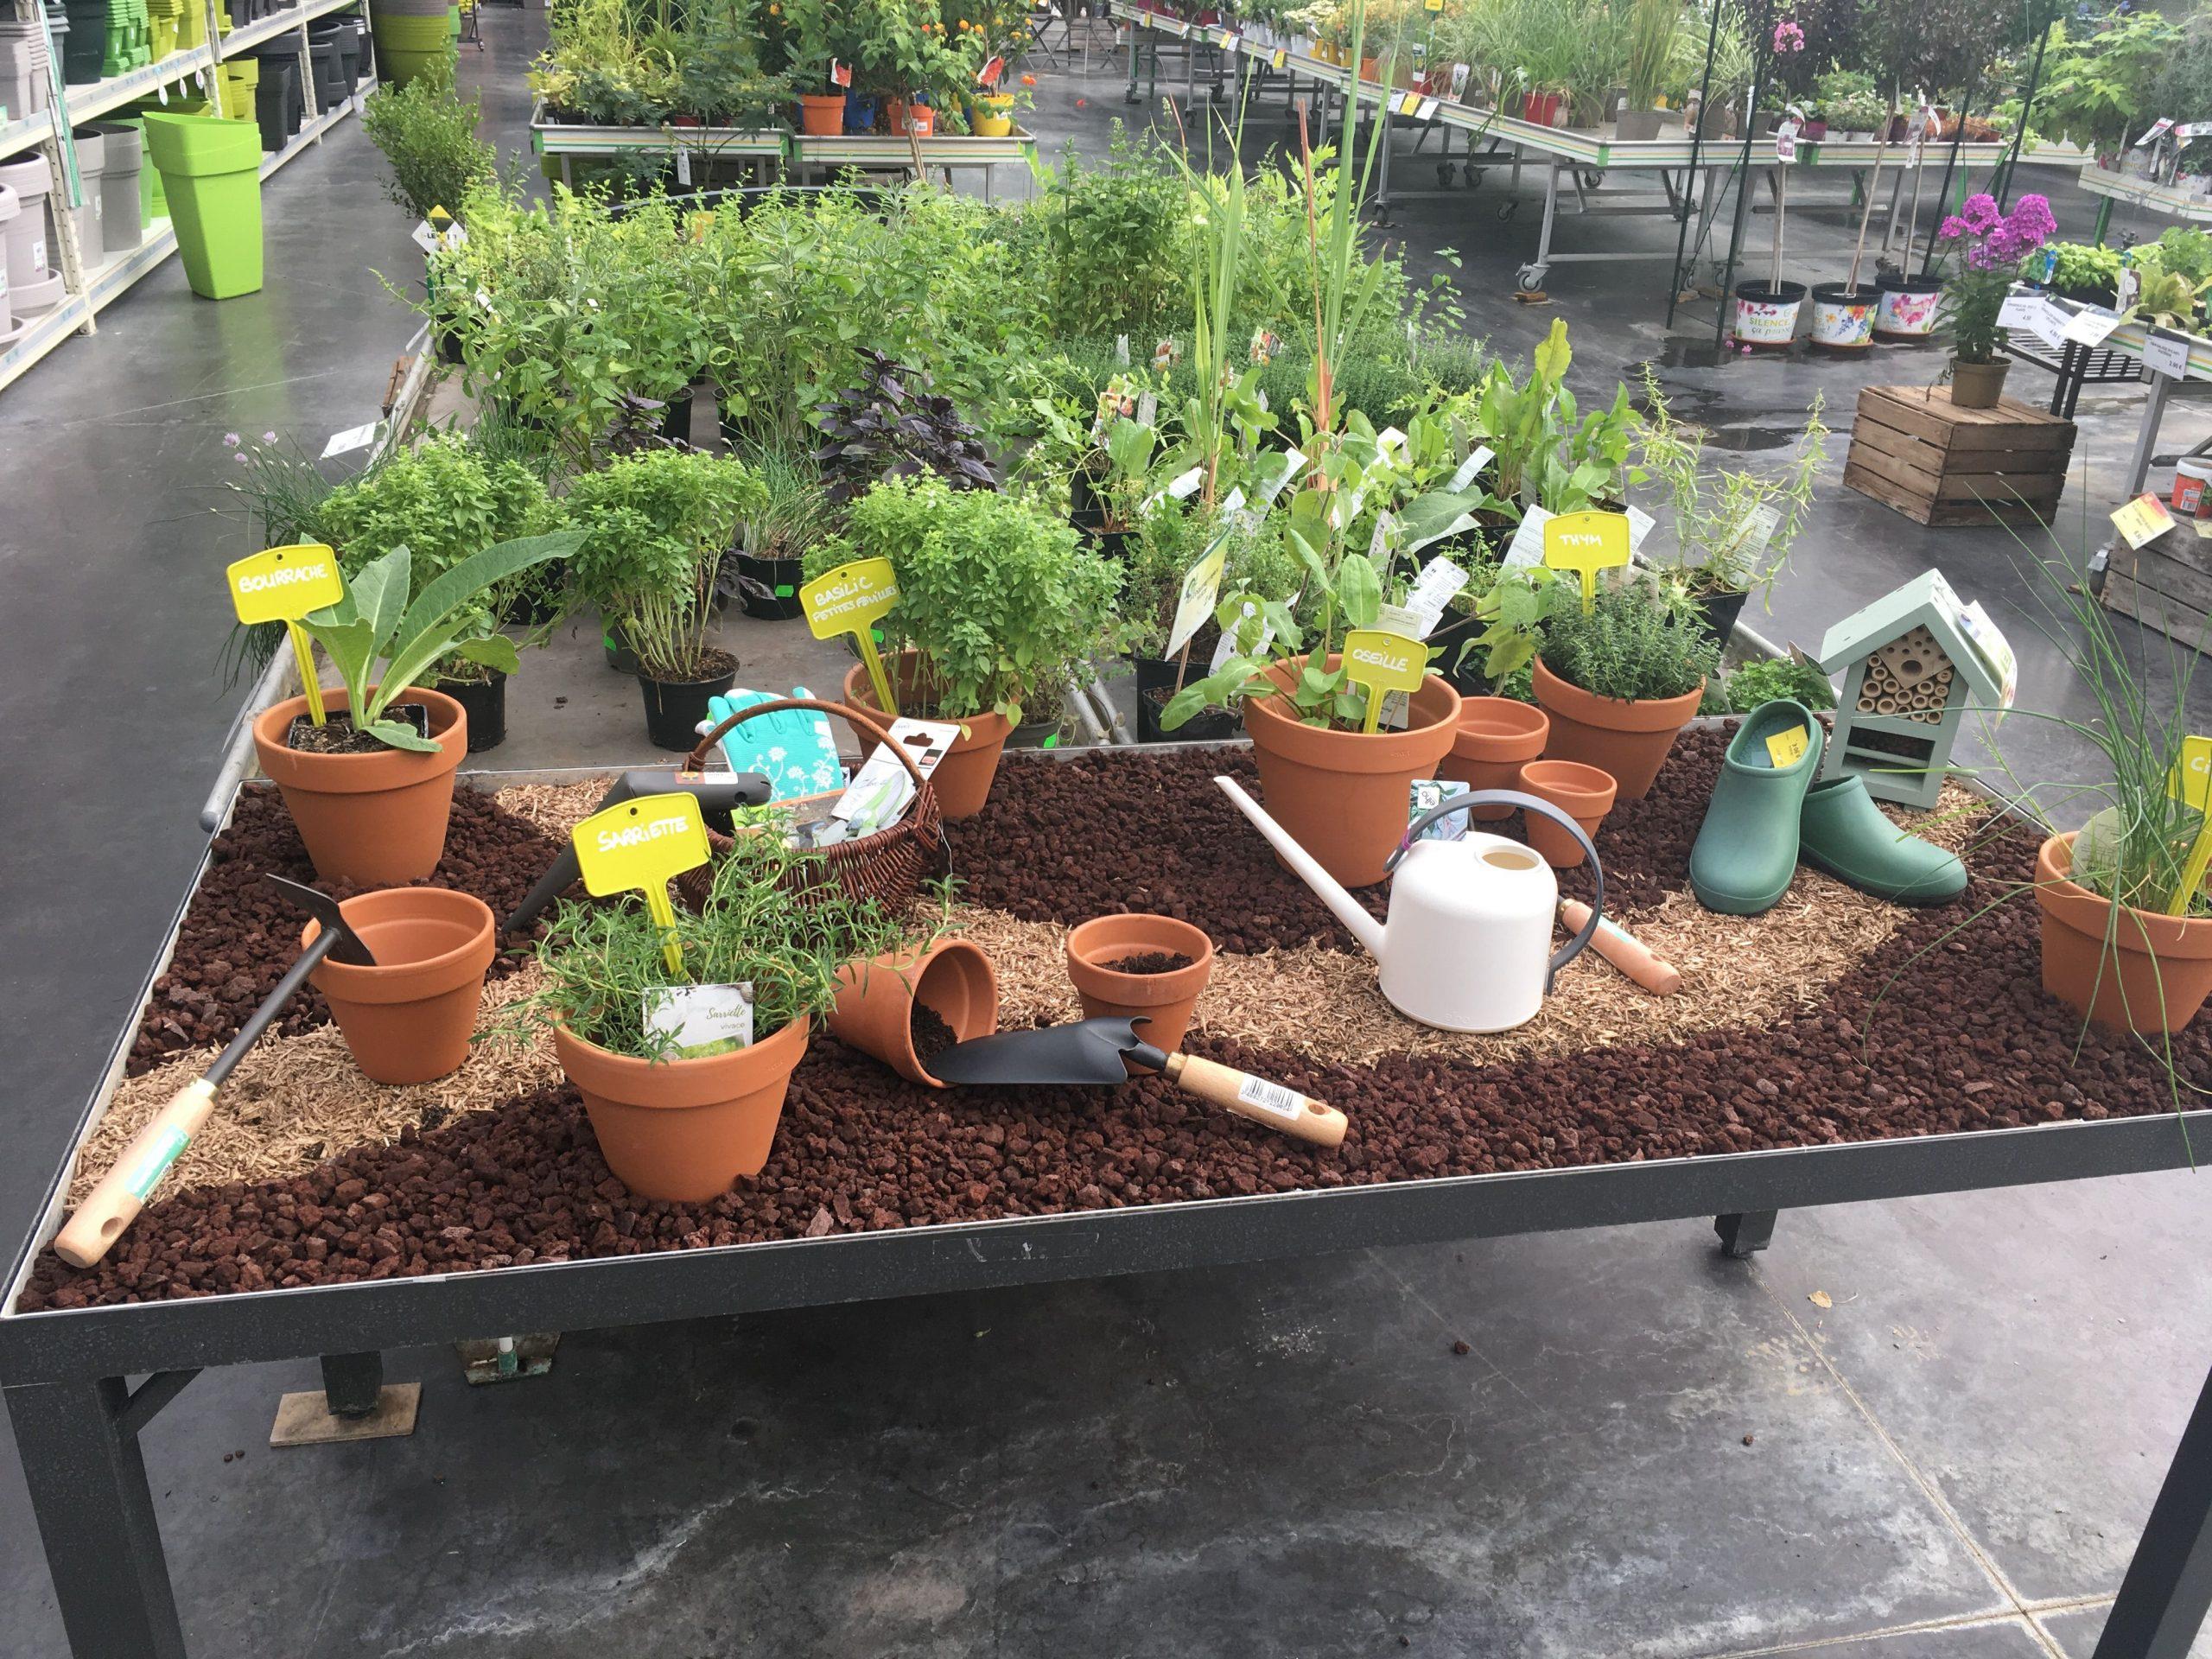 Idée De Mise En Situation Pour La Vente En Jardinerie ... avec Piscine Sarralbe